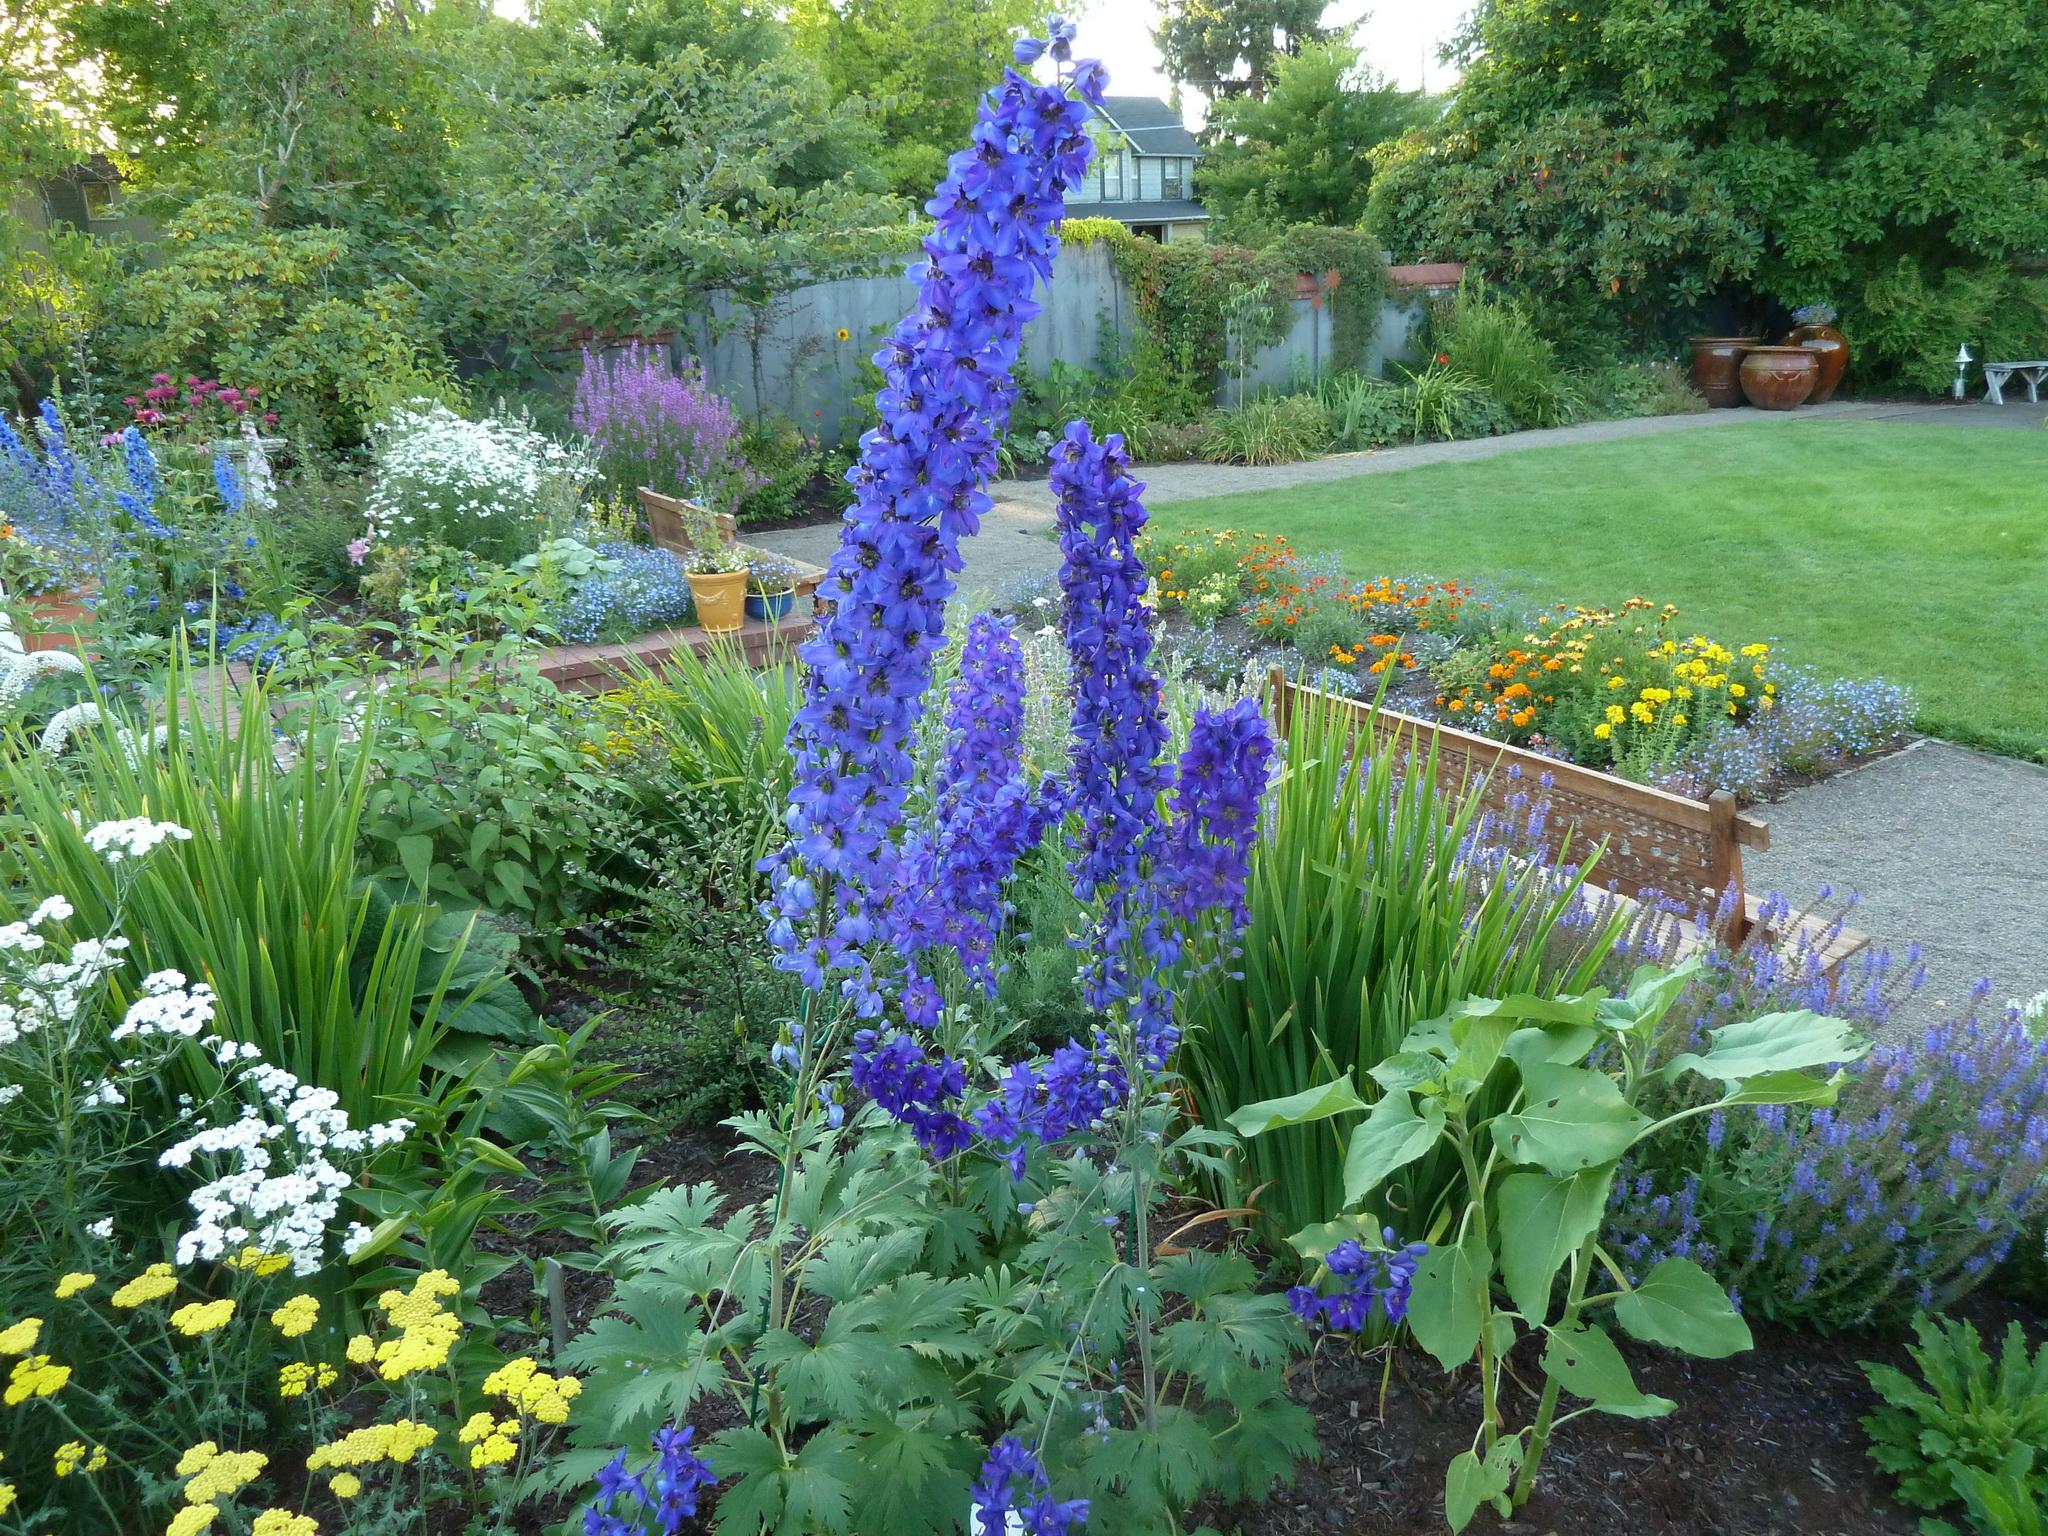 206 NW 8th Street, Corvallis, Oregon-View of Garden